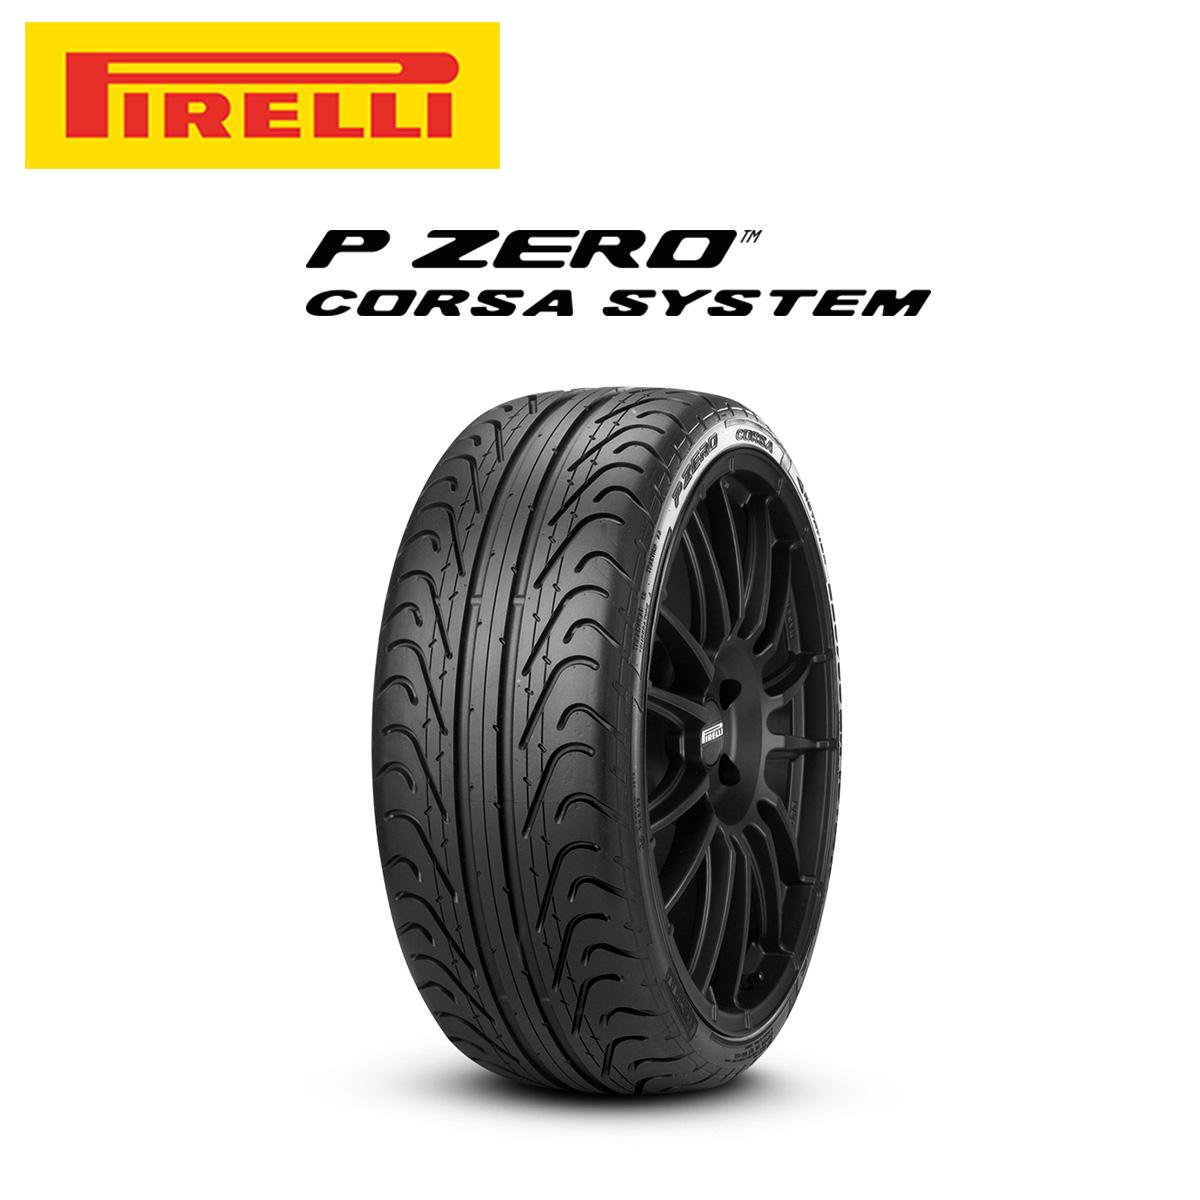 ピレリ PIRELLI P ZERO CORSA System Direzionale Pゼロコルサシステム ディレツィオナーレ 19インチ サマー タイヤ 4本 セット 235/35ZR19 91Y XL EXTRA LOAD規格 1911300